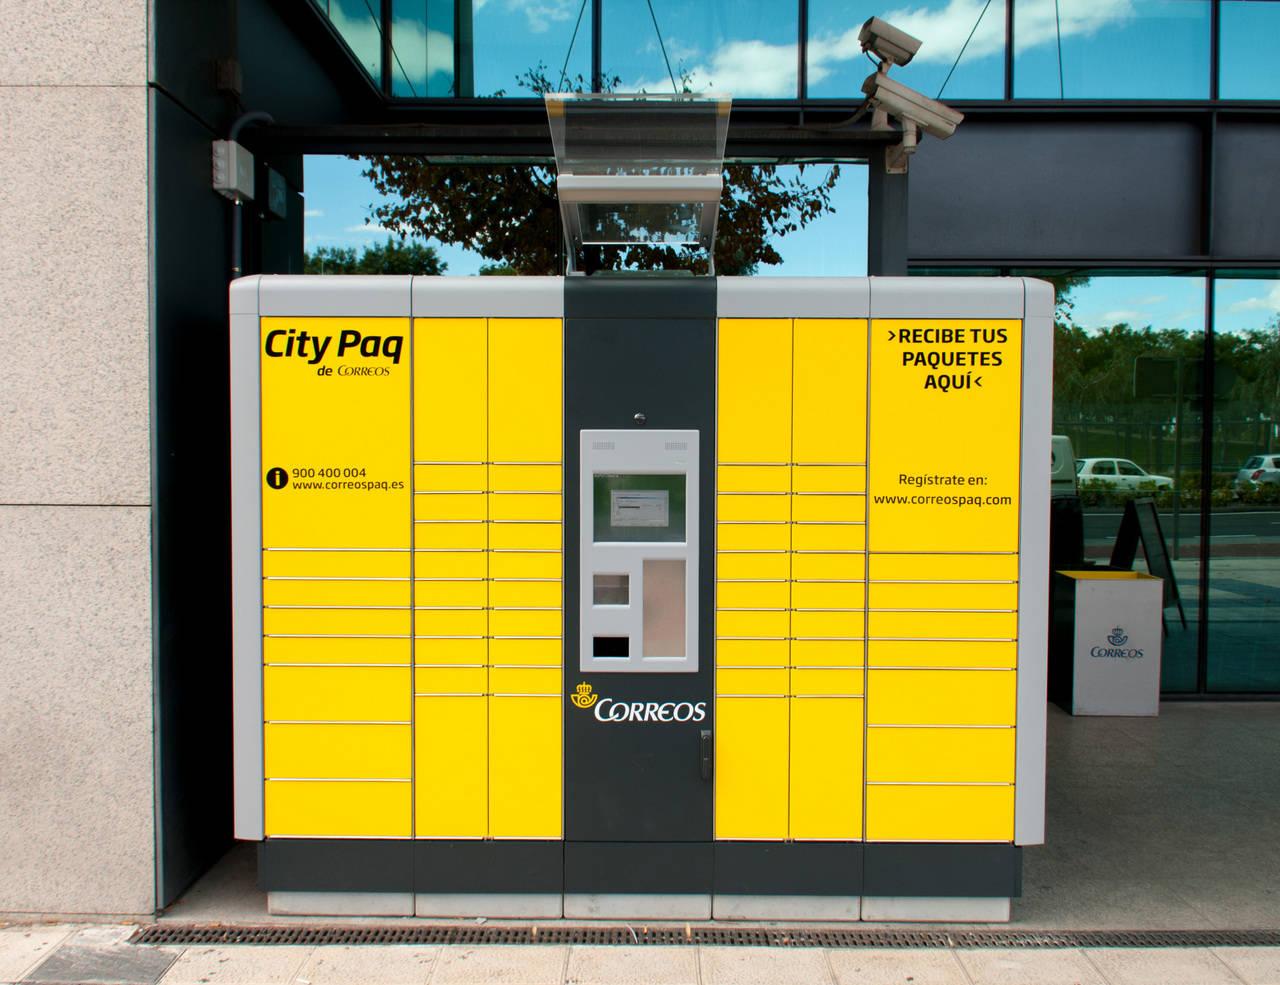 Correos instala citypaq en empark pionero de parkings en for Oficina de correos barcelona